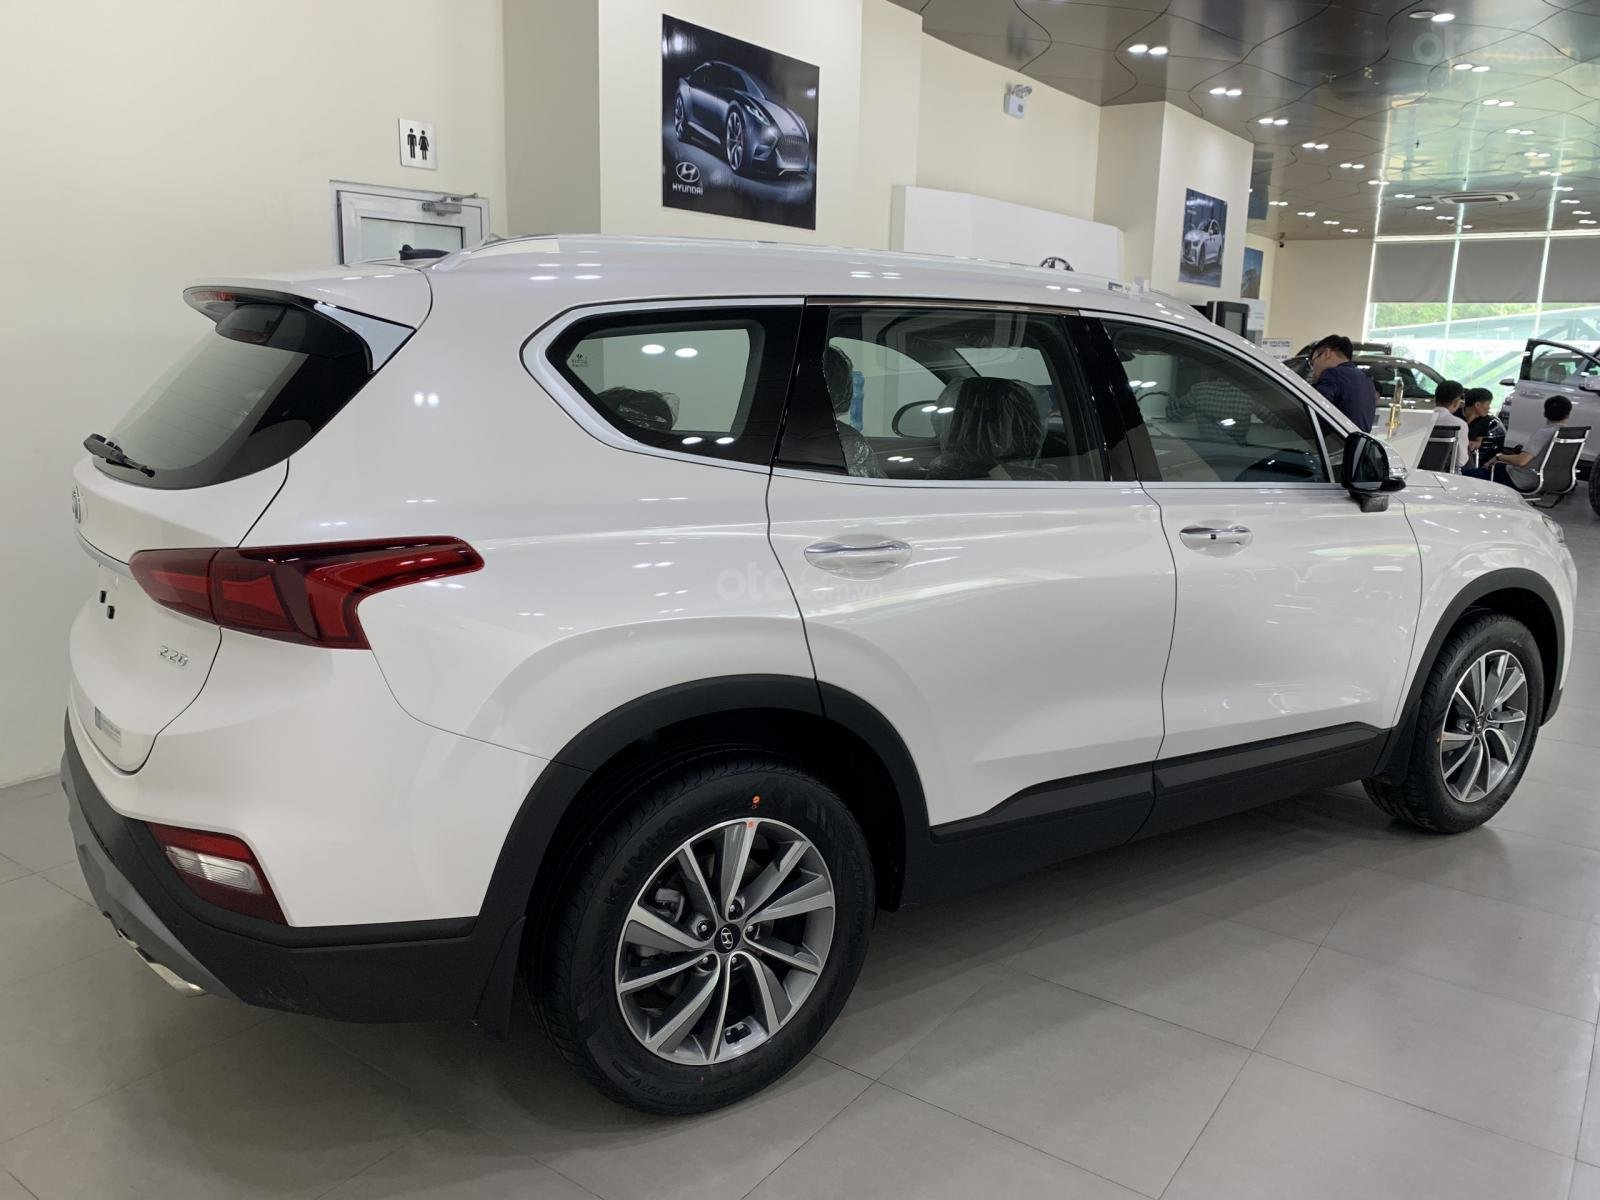 Bán xe Hyundai Santa Fe đời 2019, hỗ trợ mua trả góp lên tới 85% giá trị xe, có xe giao ngay. LH ngay 0971.58.55.33-2